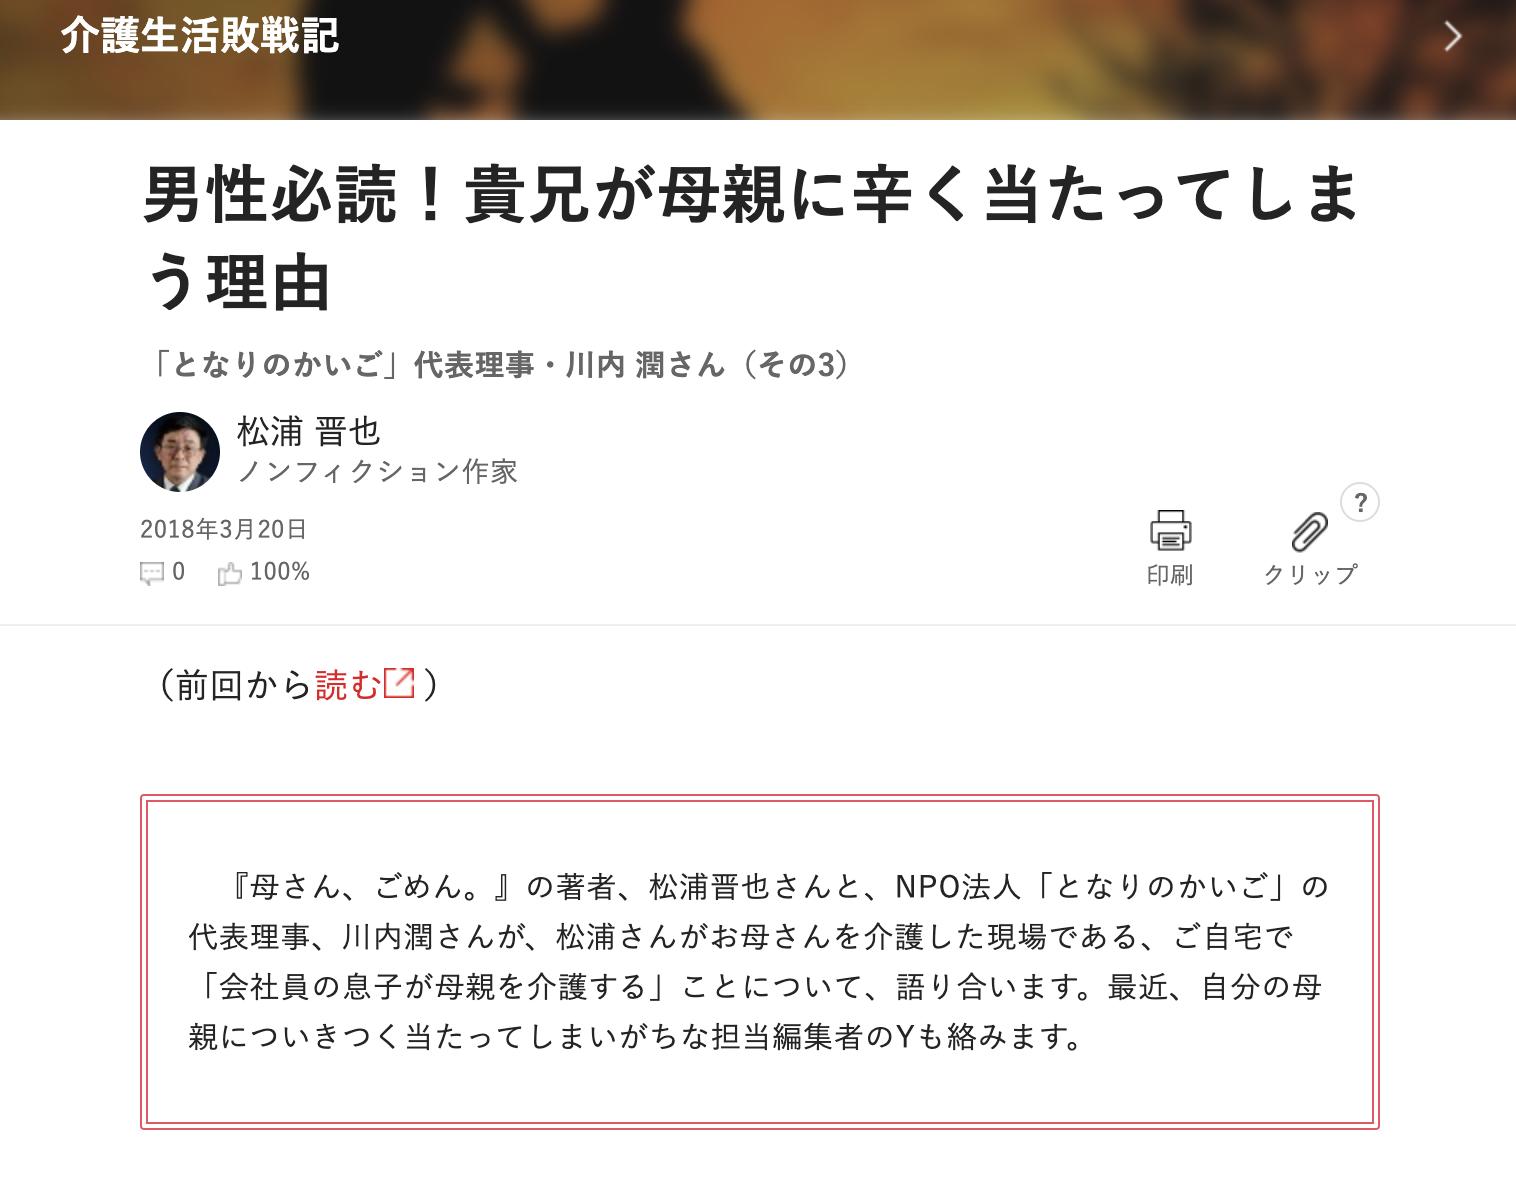 日経ビジネスオンライン『男性必読!貴兄が母親に辛く当たってしまう理由』